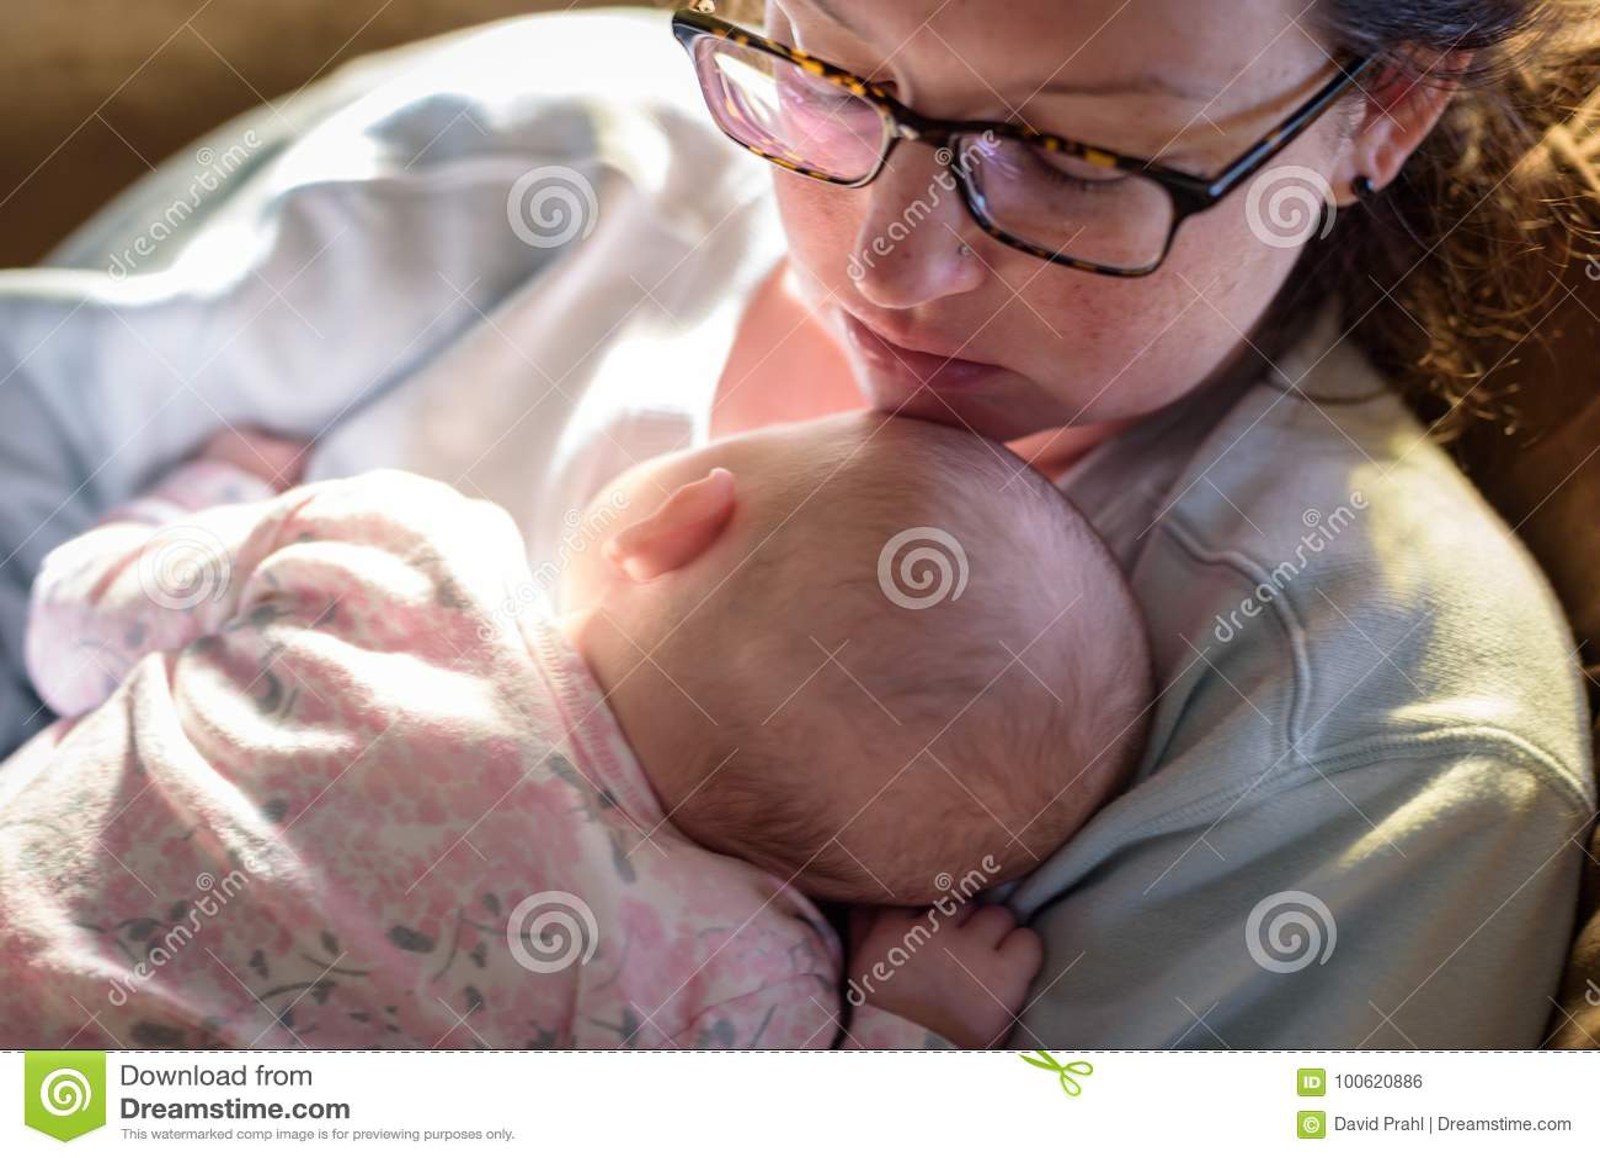 Nouvelle mère et bébé à la maison dormant